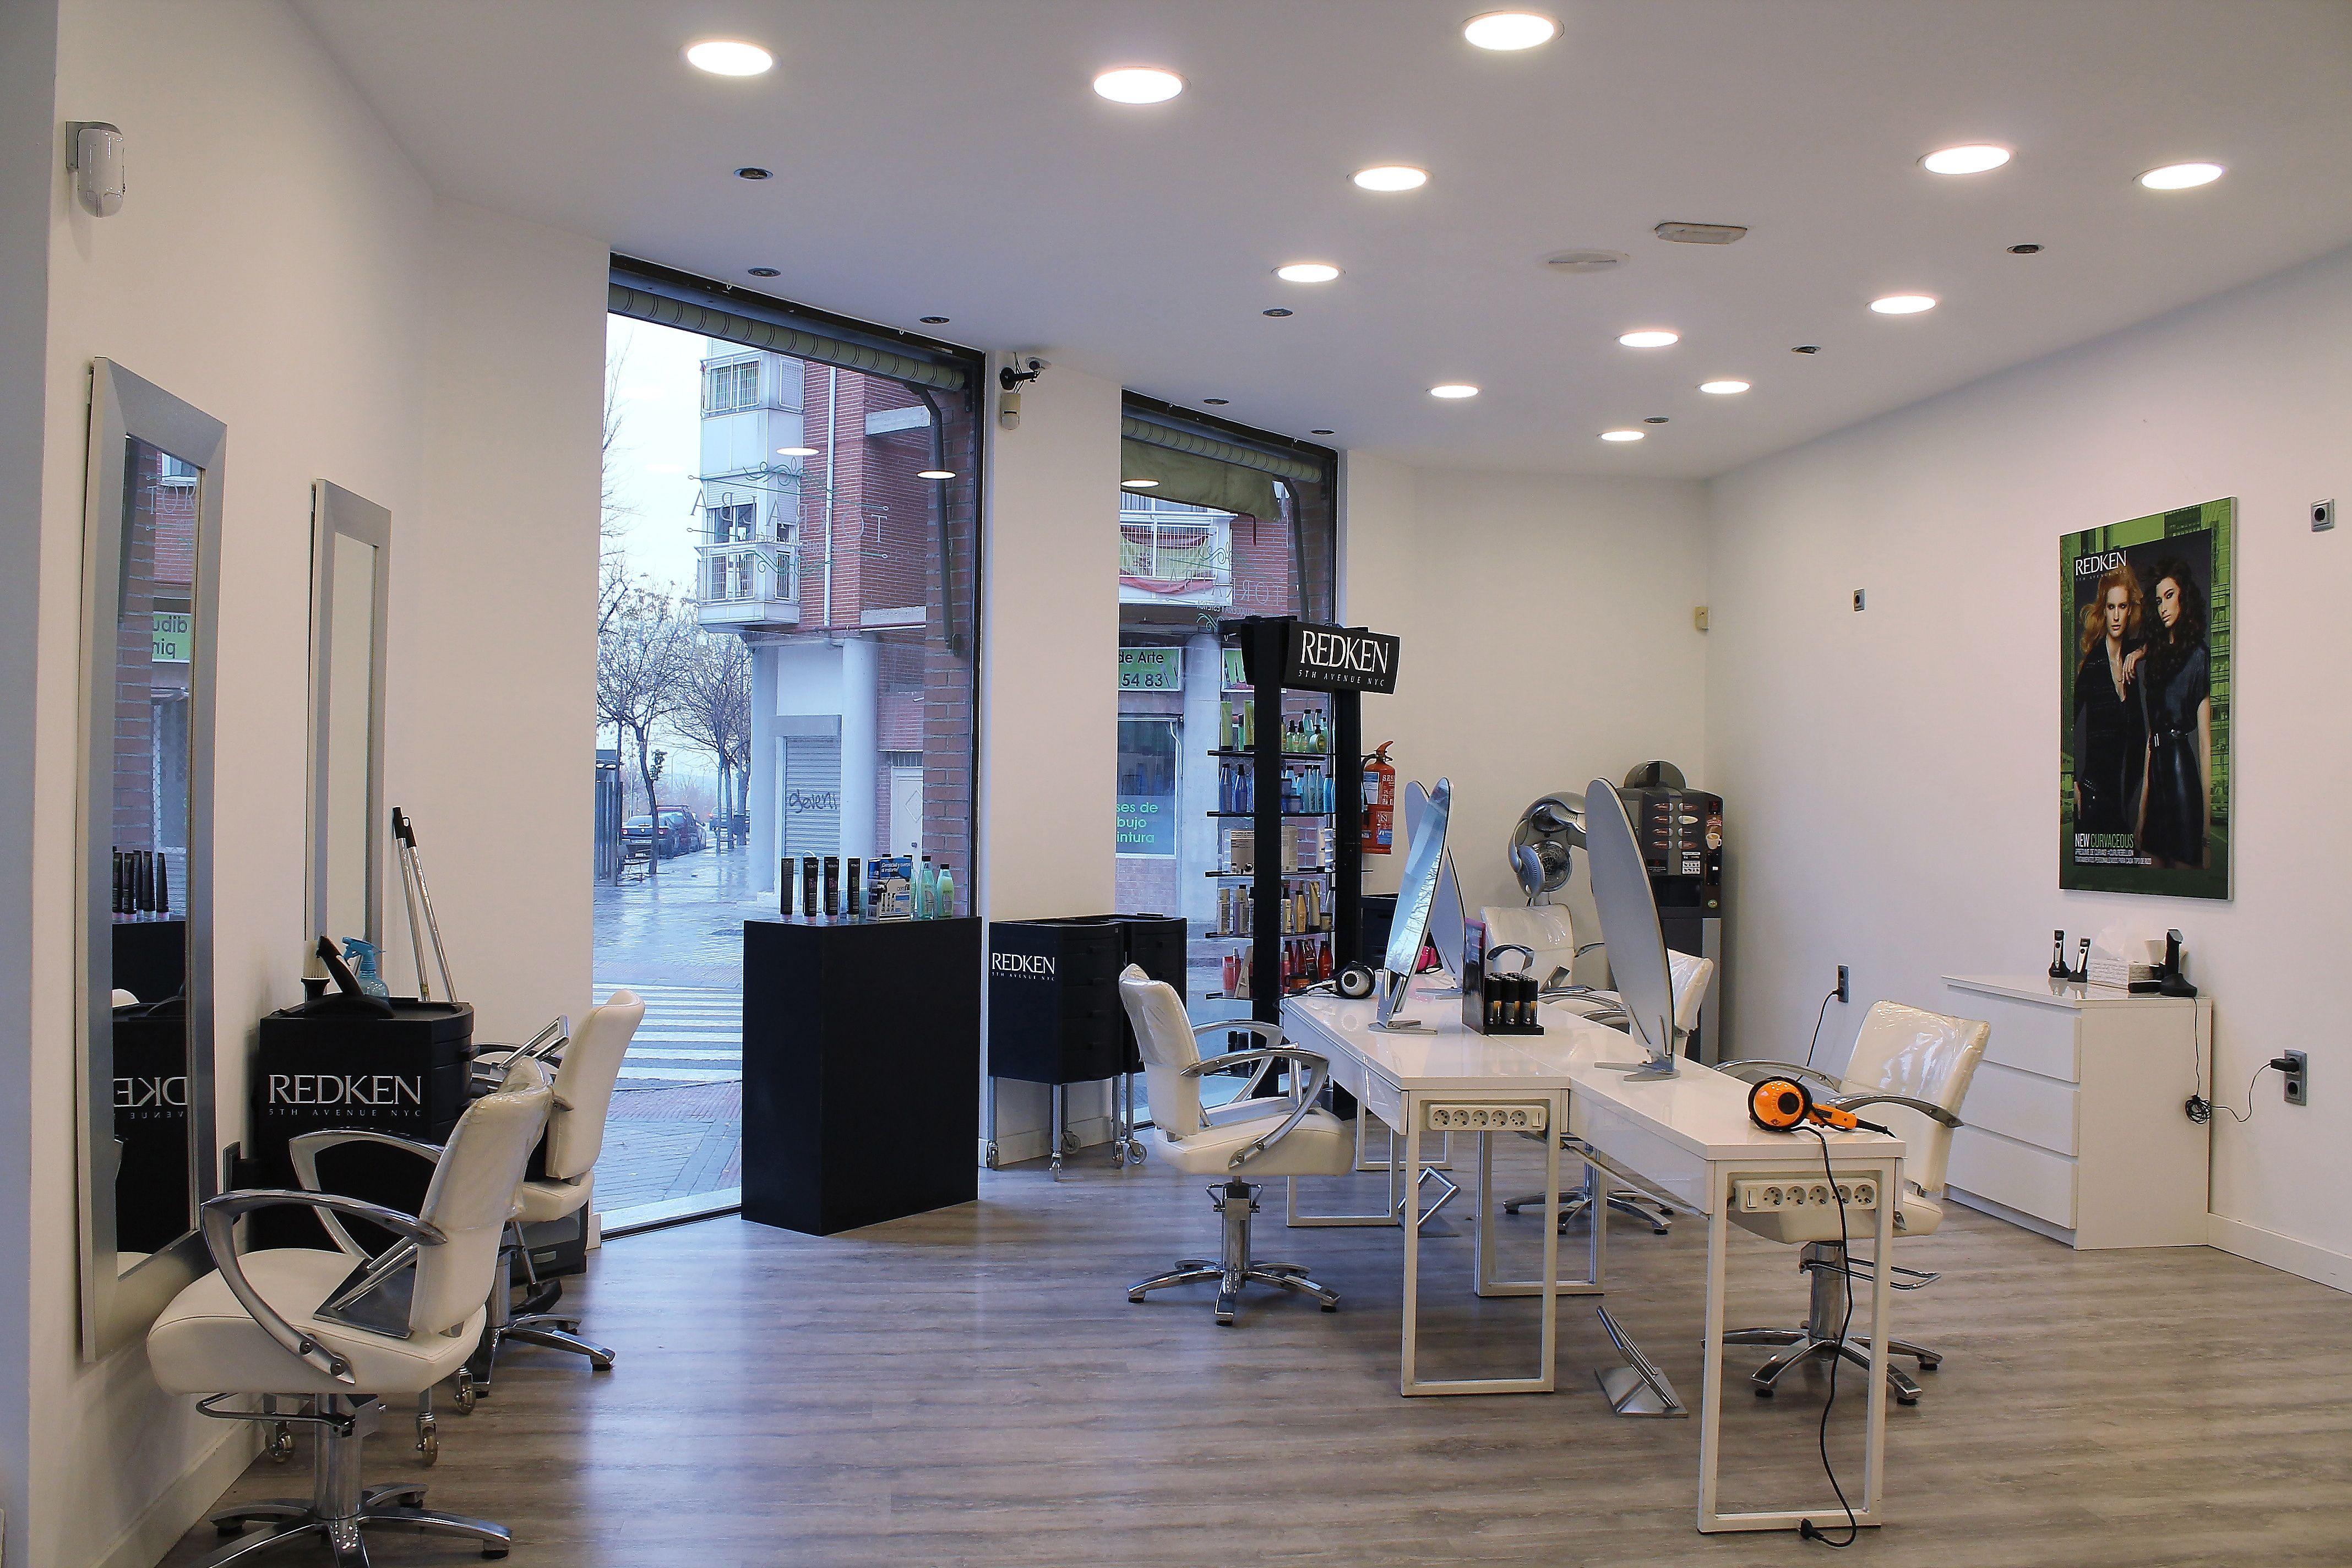 Servicios profesionales de peluquería en San Blas, Madrid